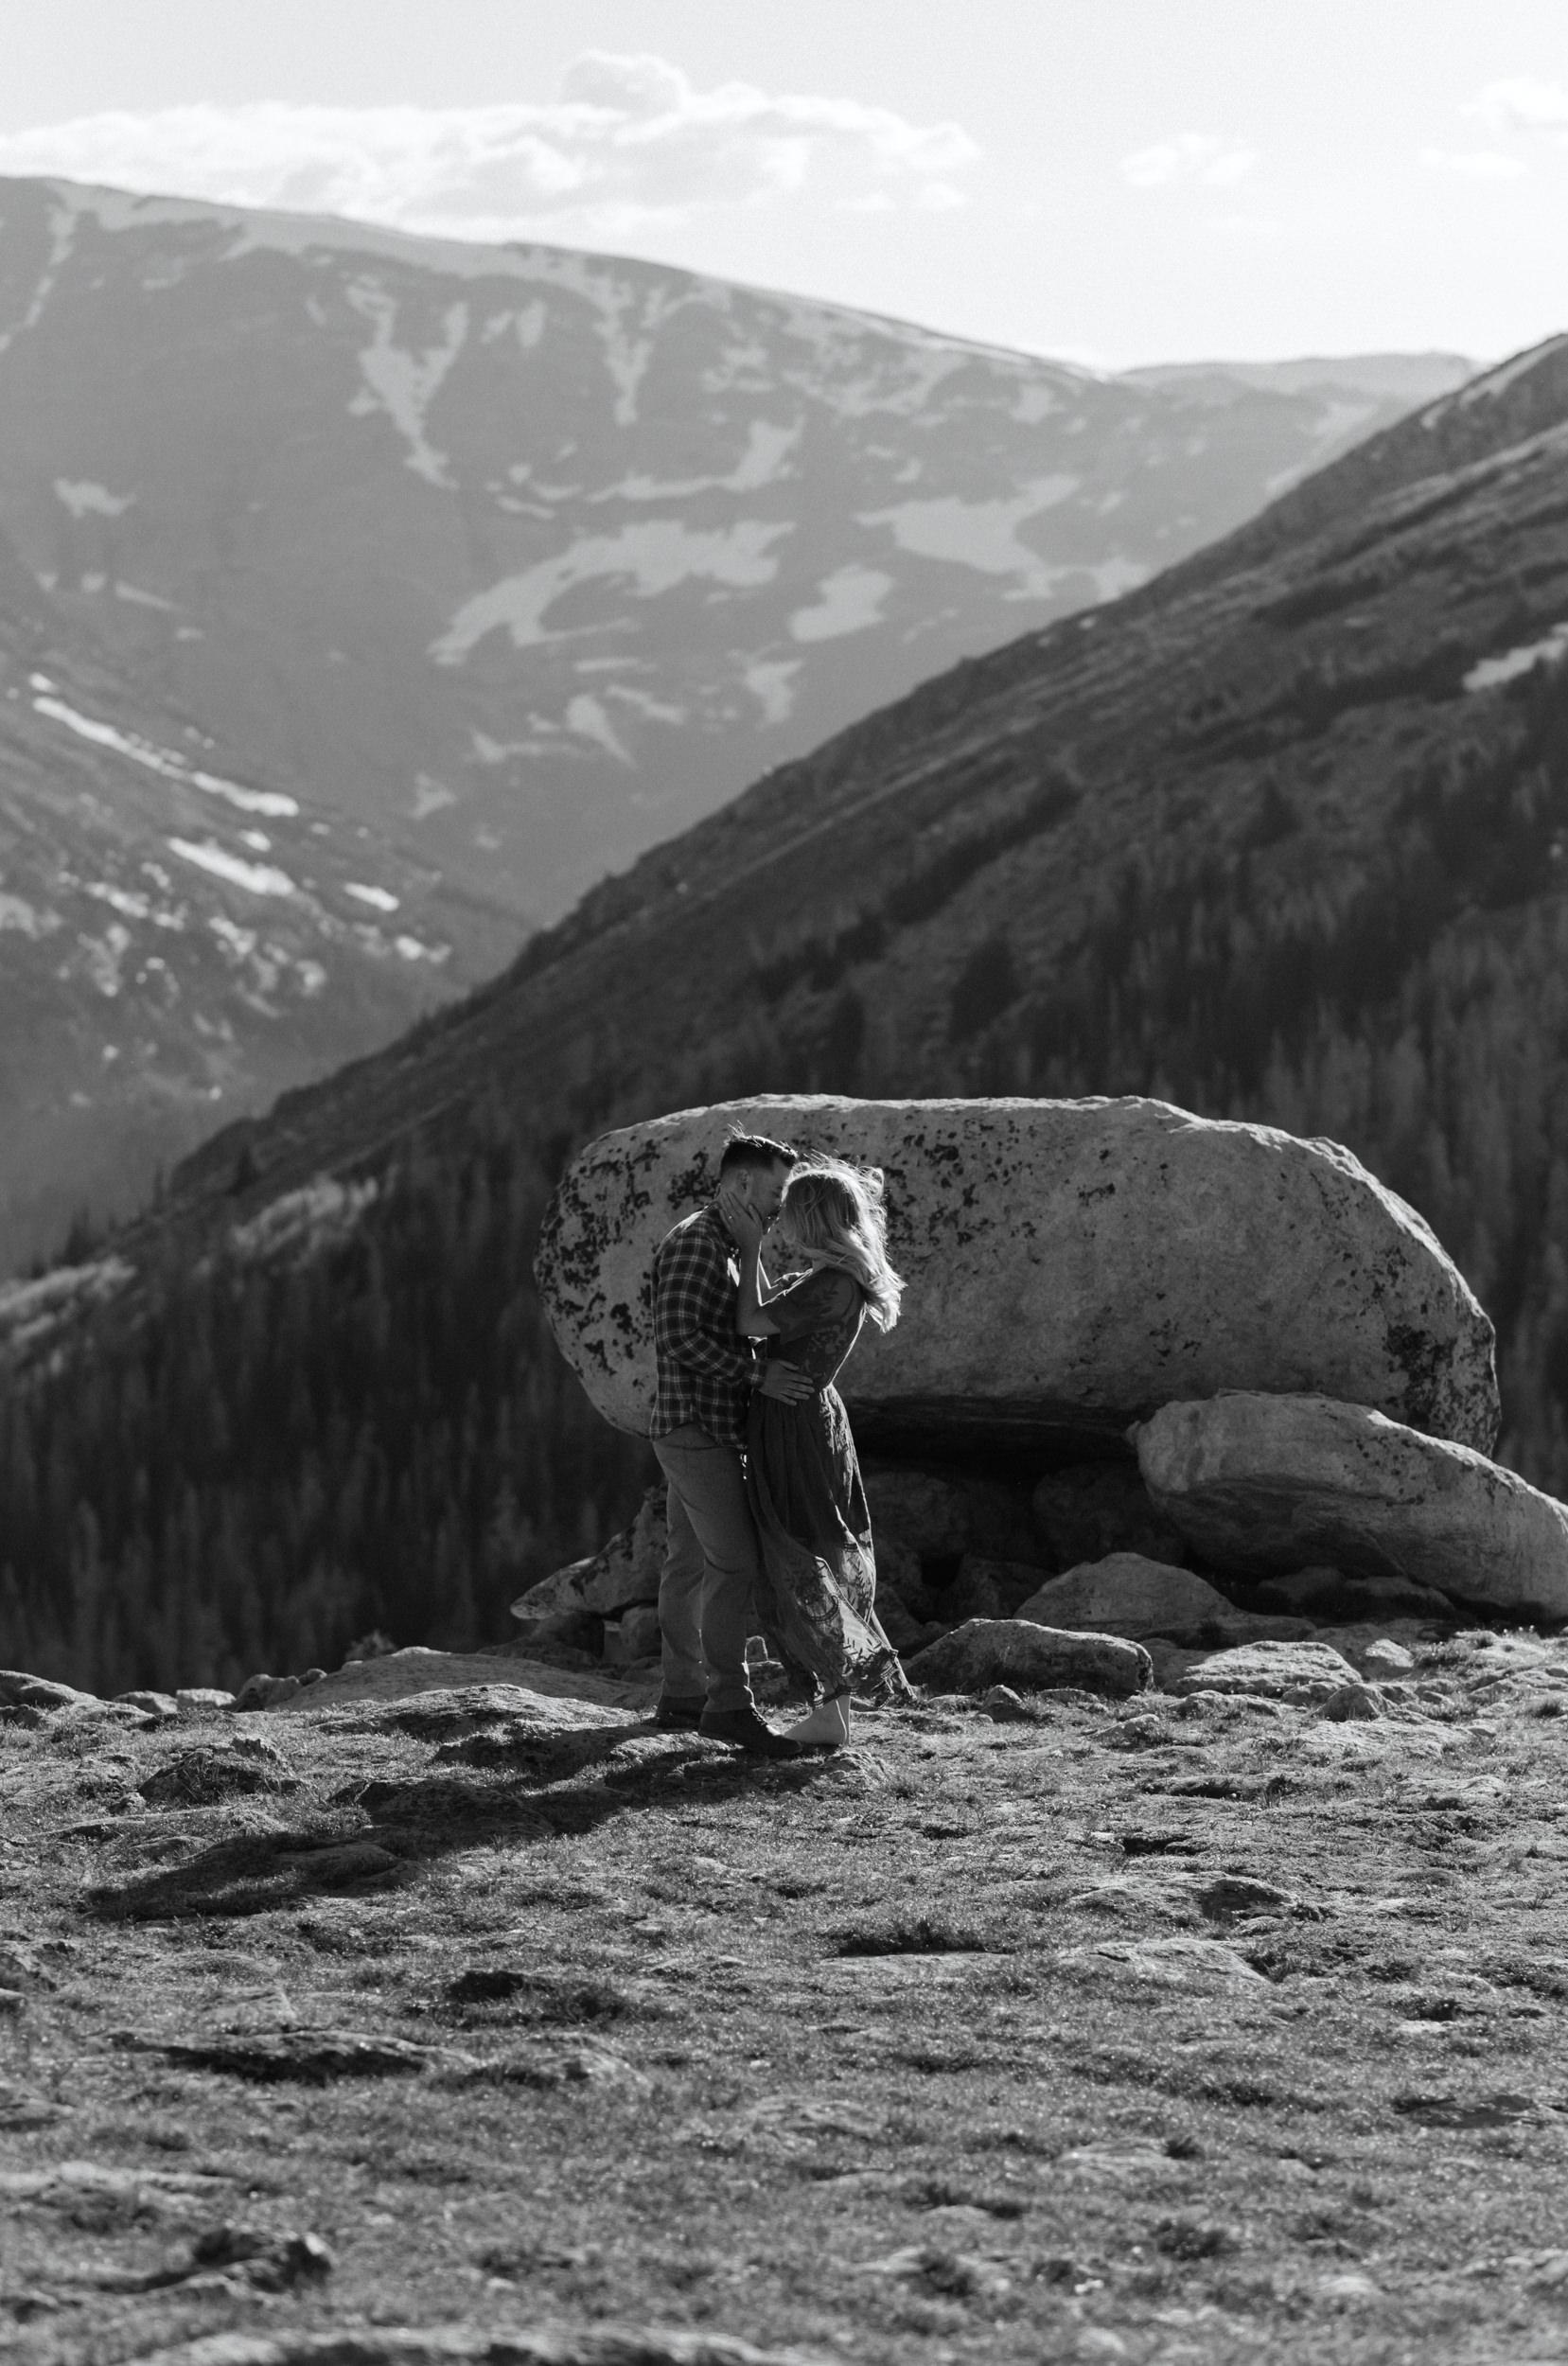 Wedding photographer in Colorado. Colorado mountain weddings.